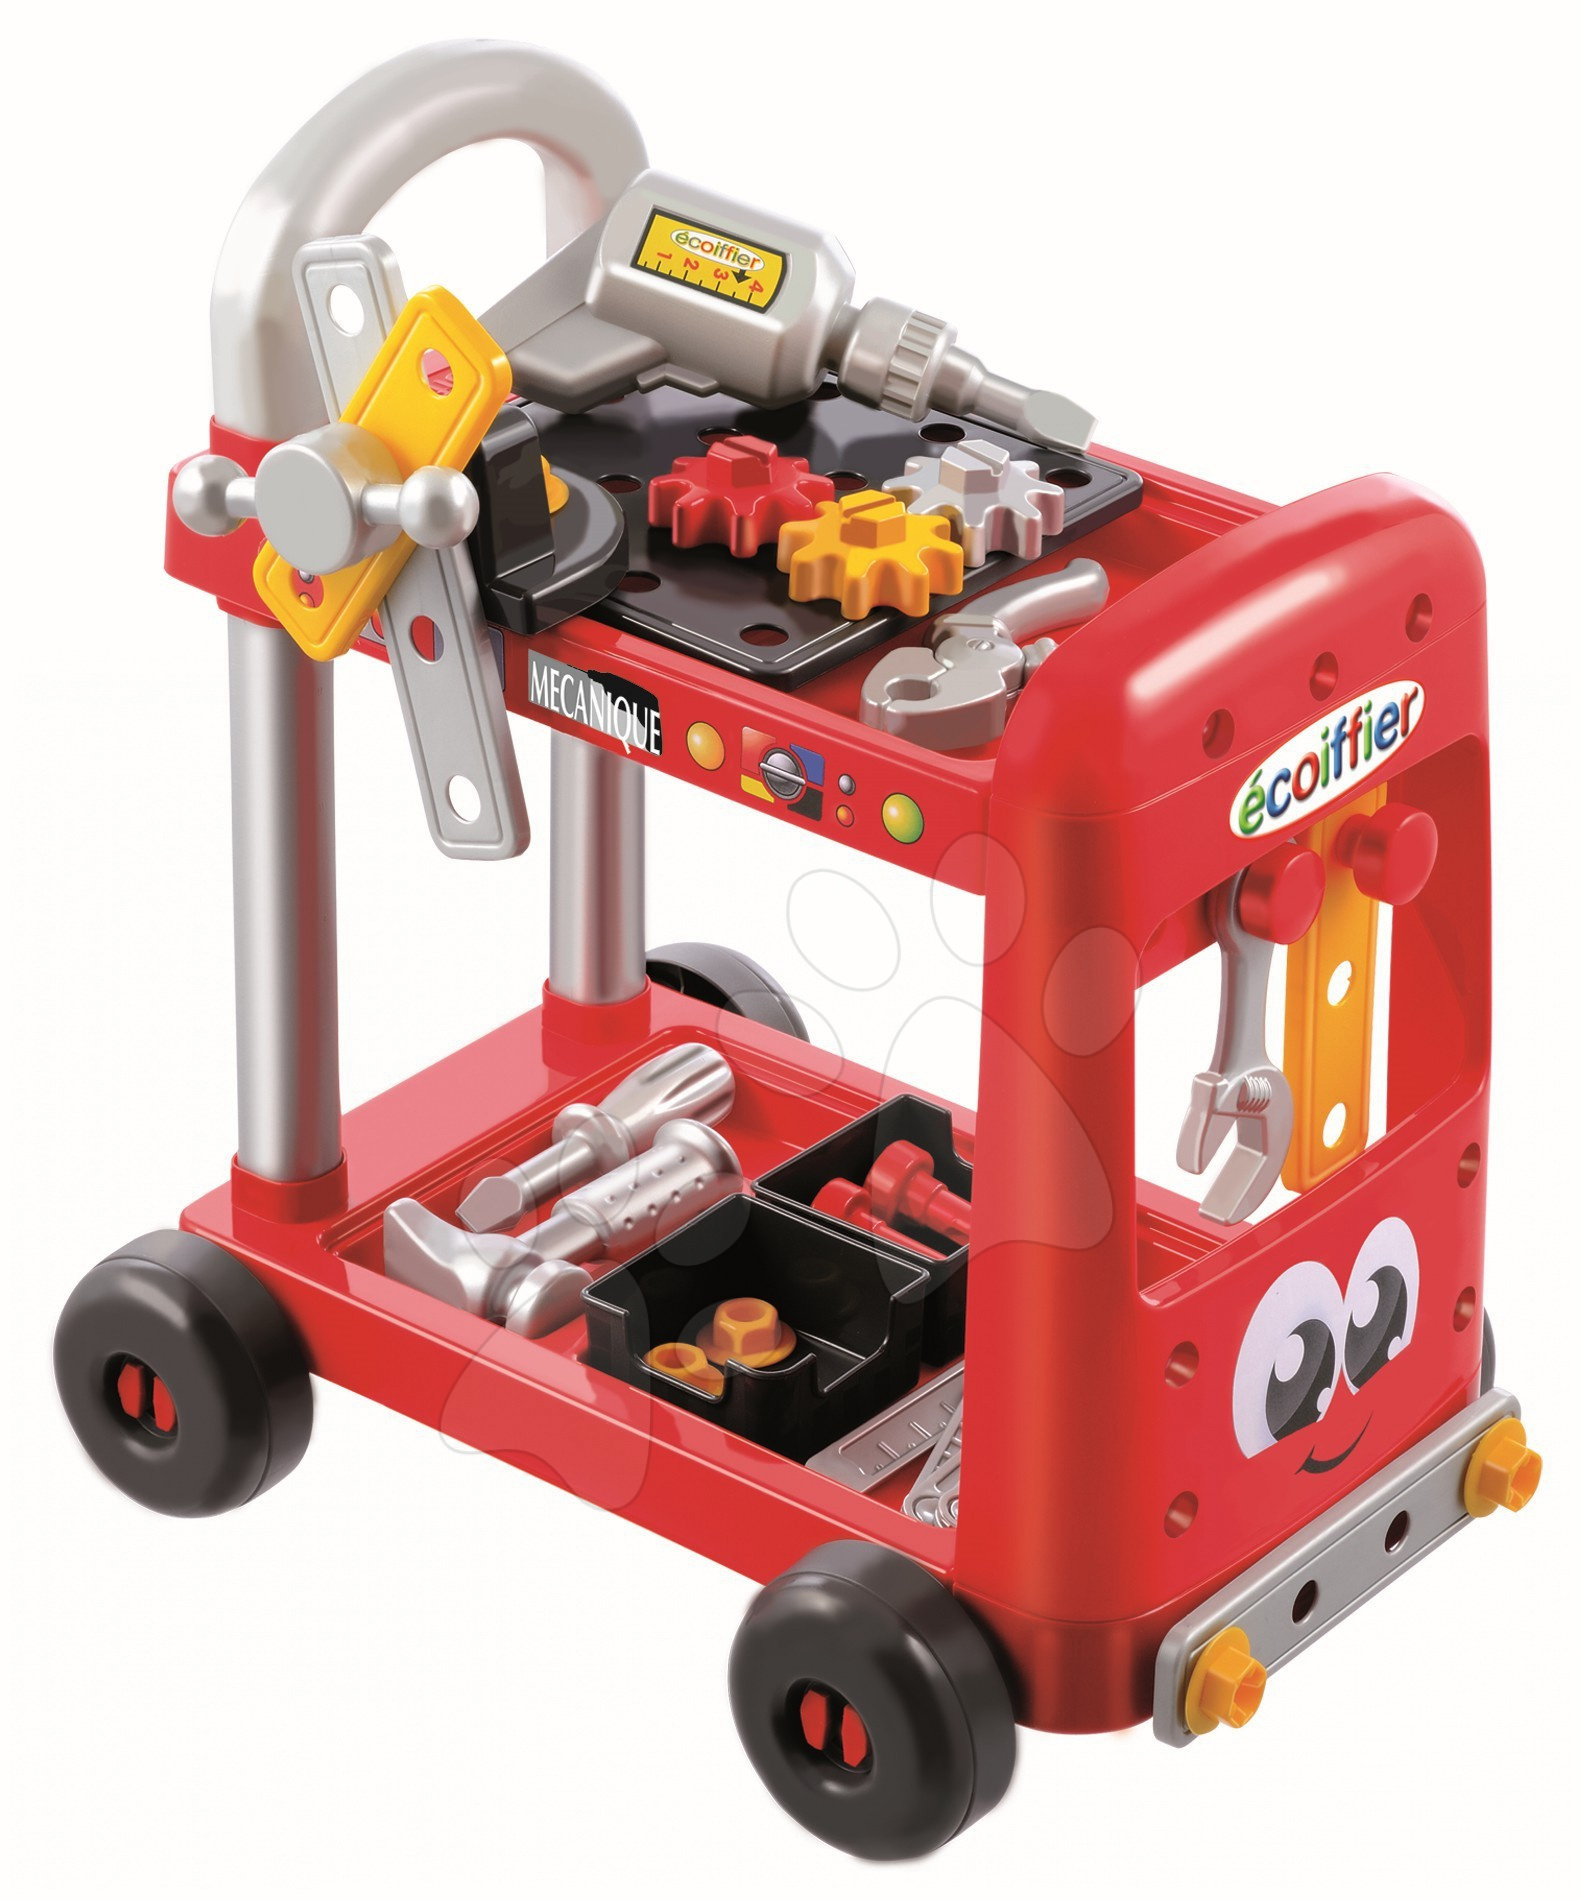 Pracovní dílna Mecanique Tool Set Trolley Écoiffier na vozíku s 31 doplňky od 24 měsíců